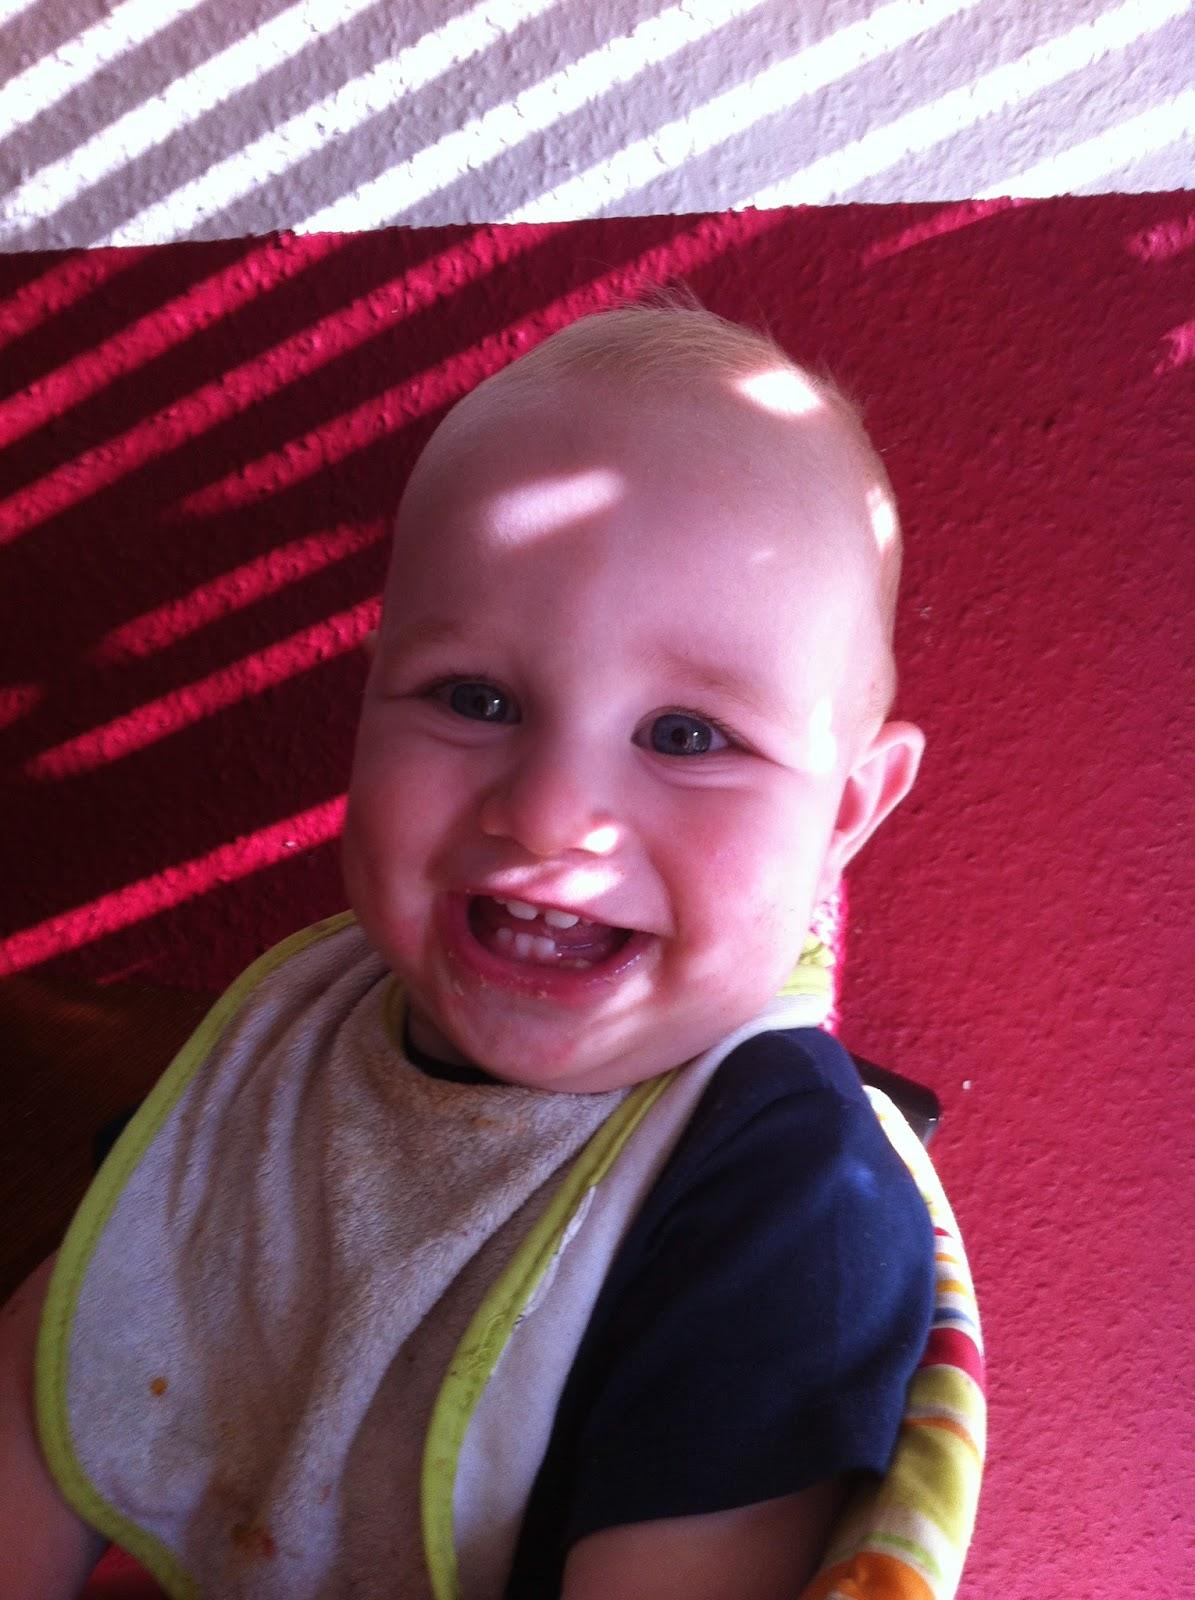 Baby auf Tripp Trapp